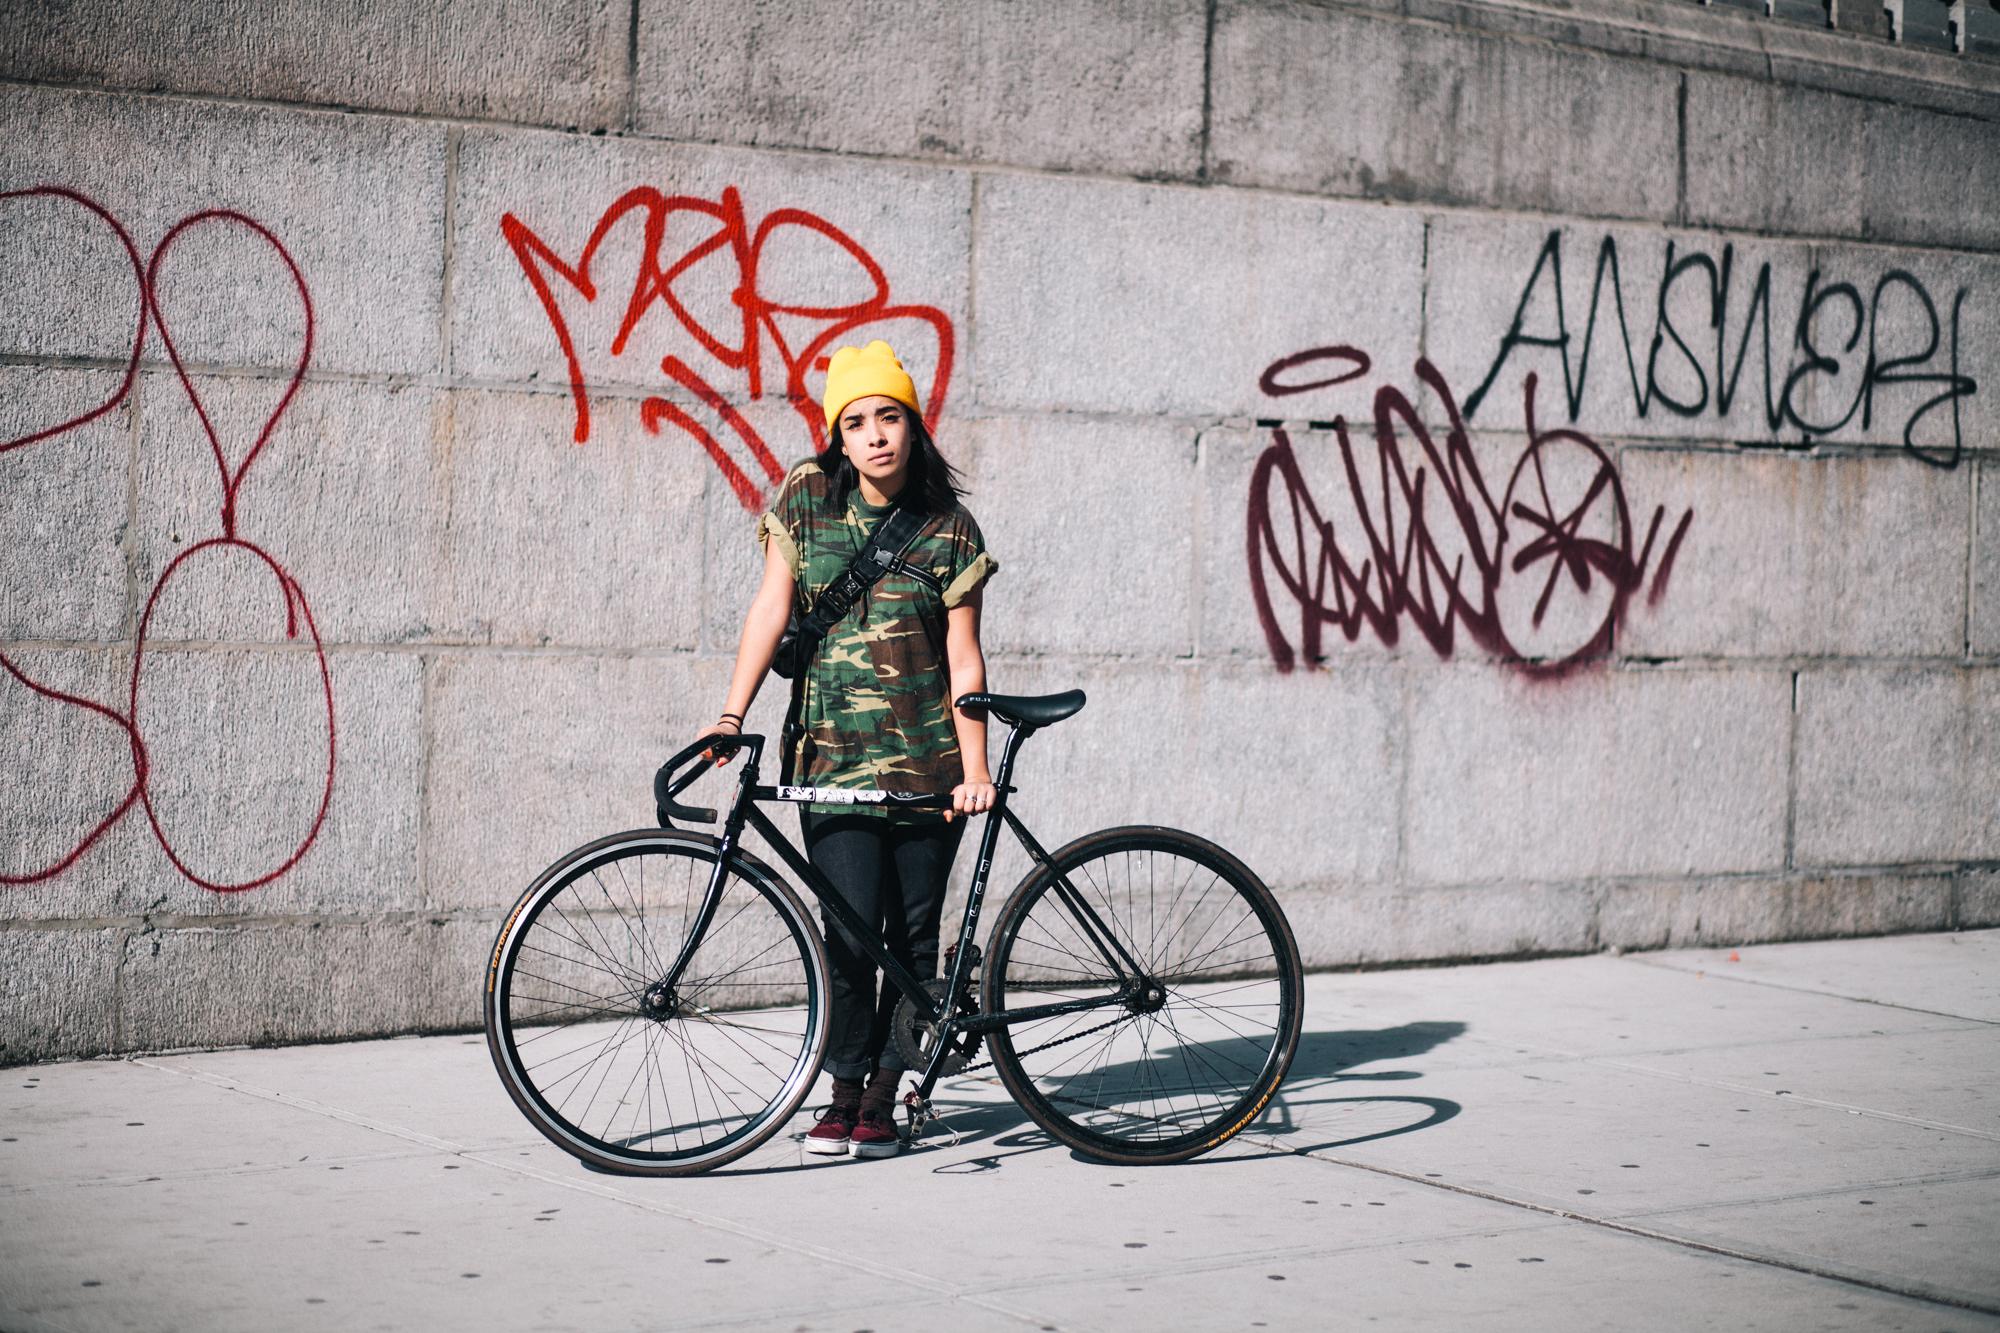 bikestyle-2.jpg